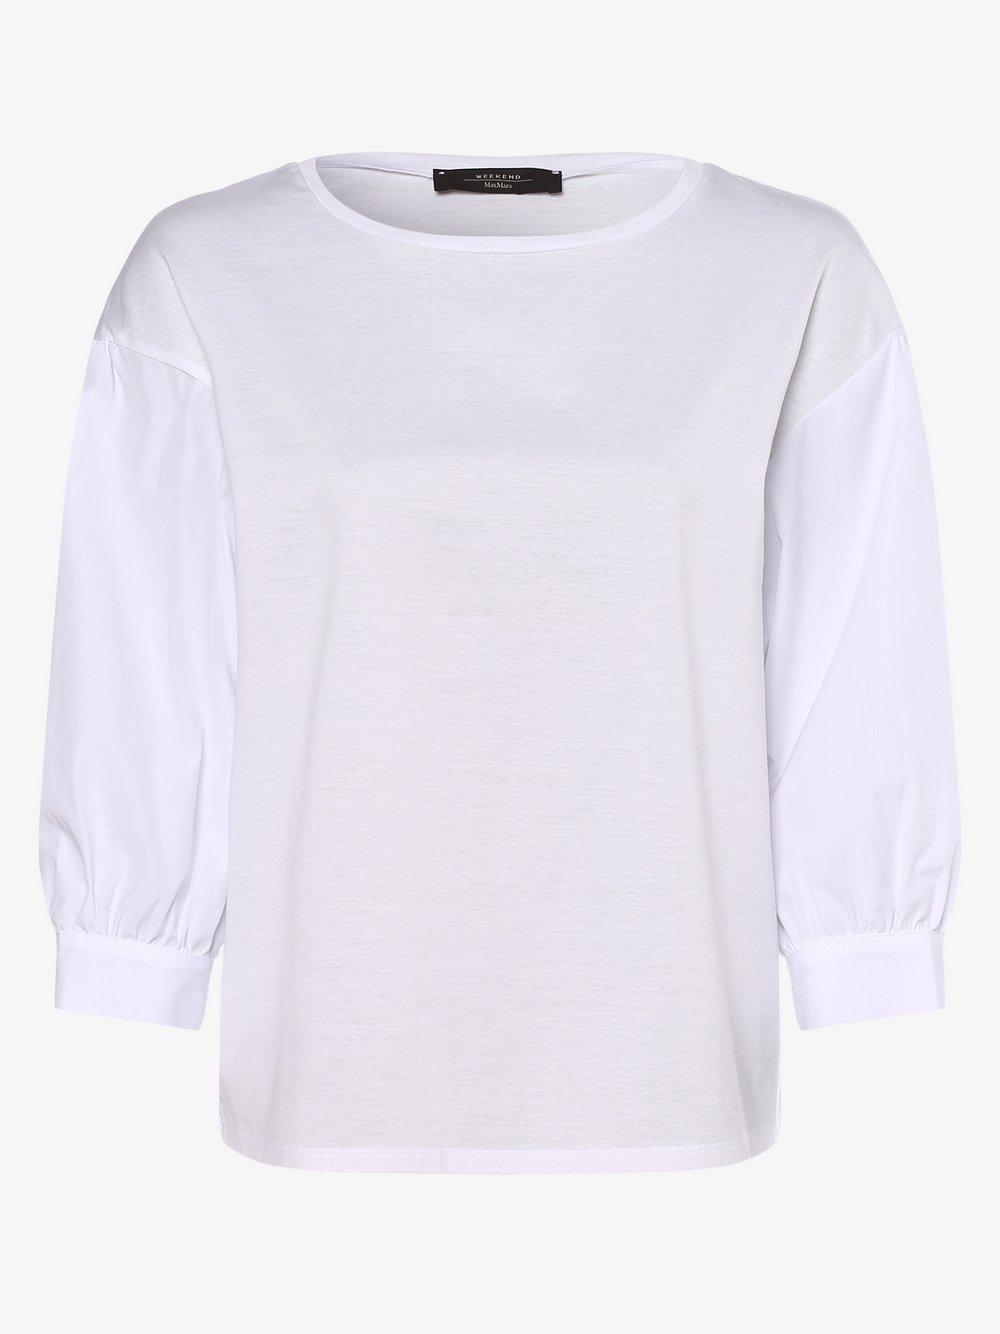 Weekend Max Mara - Koszulka damska, biały